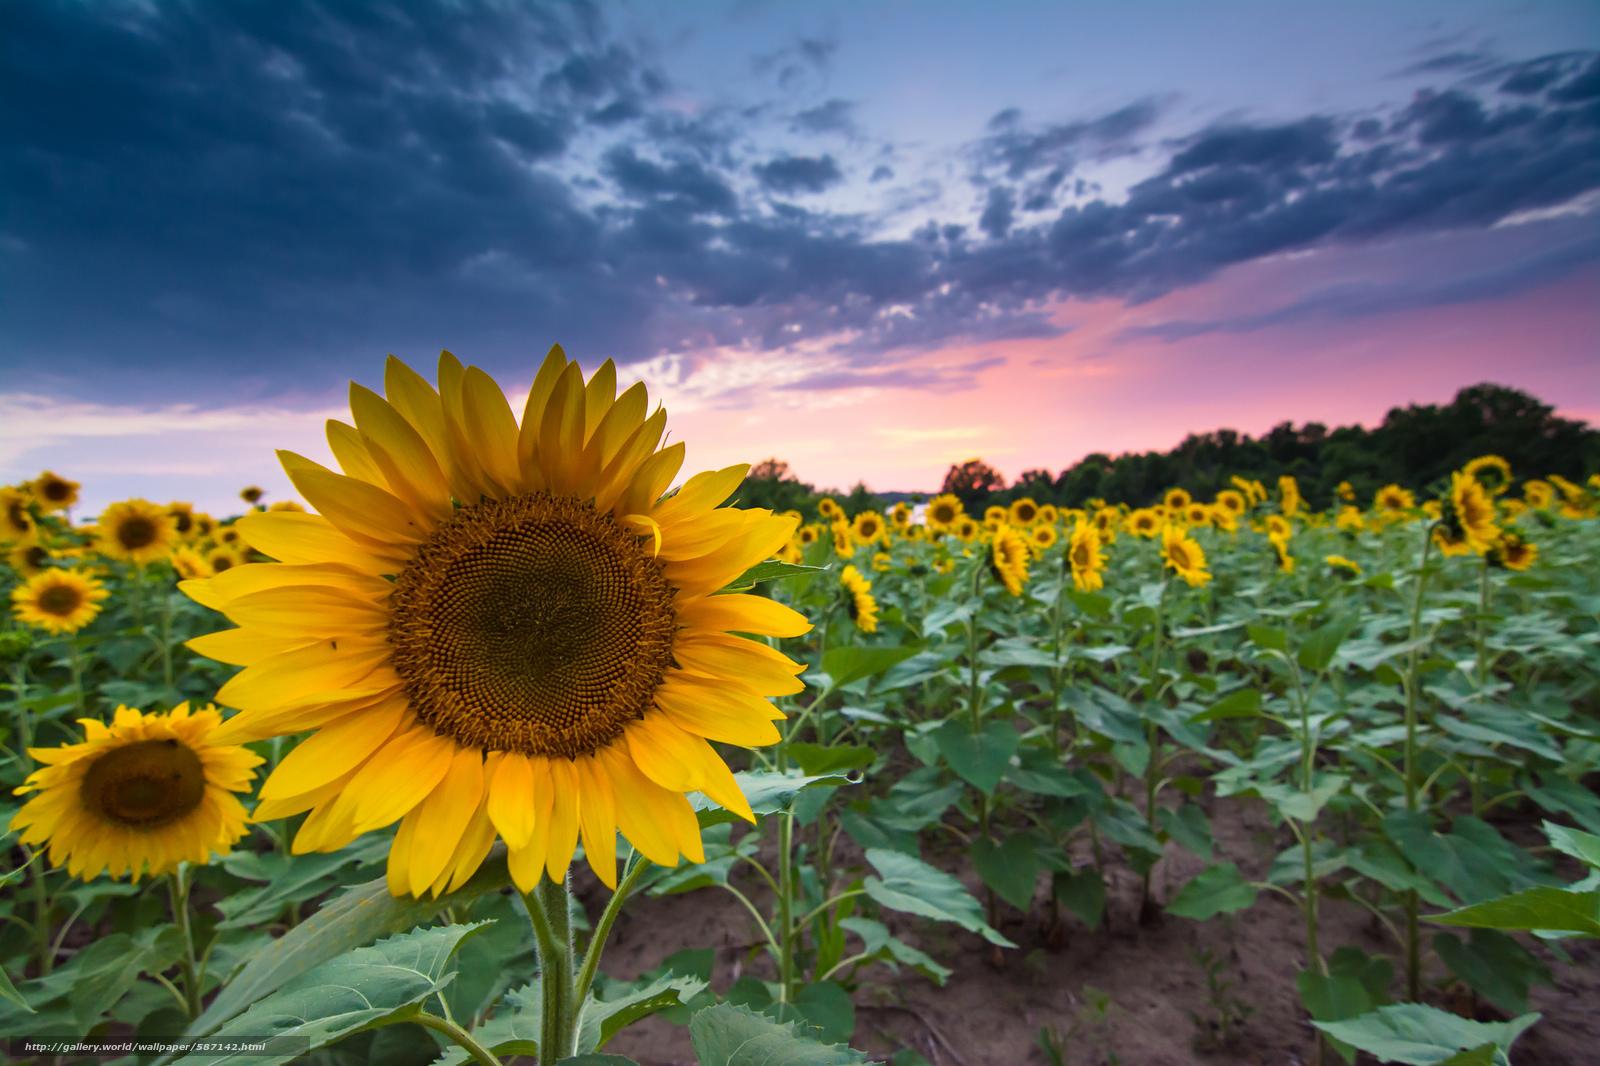 Scaricare gli sfondi nuvole campo estate tramonto for Desktop gratis estate